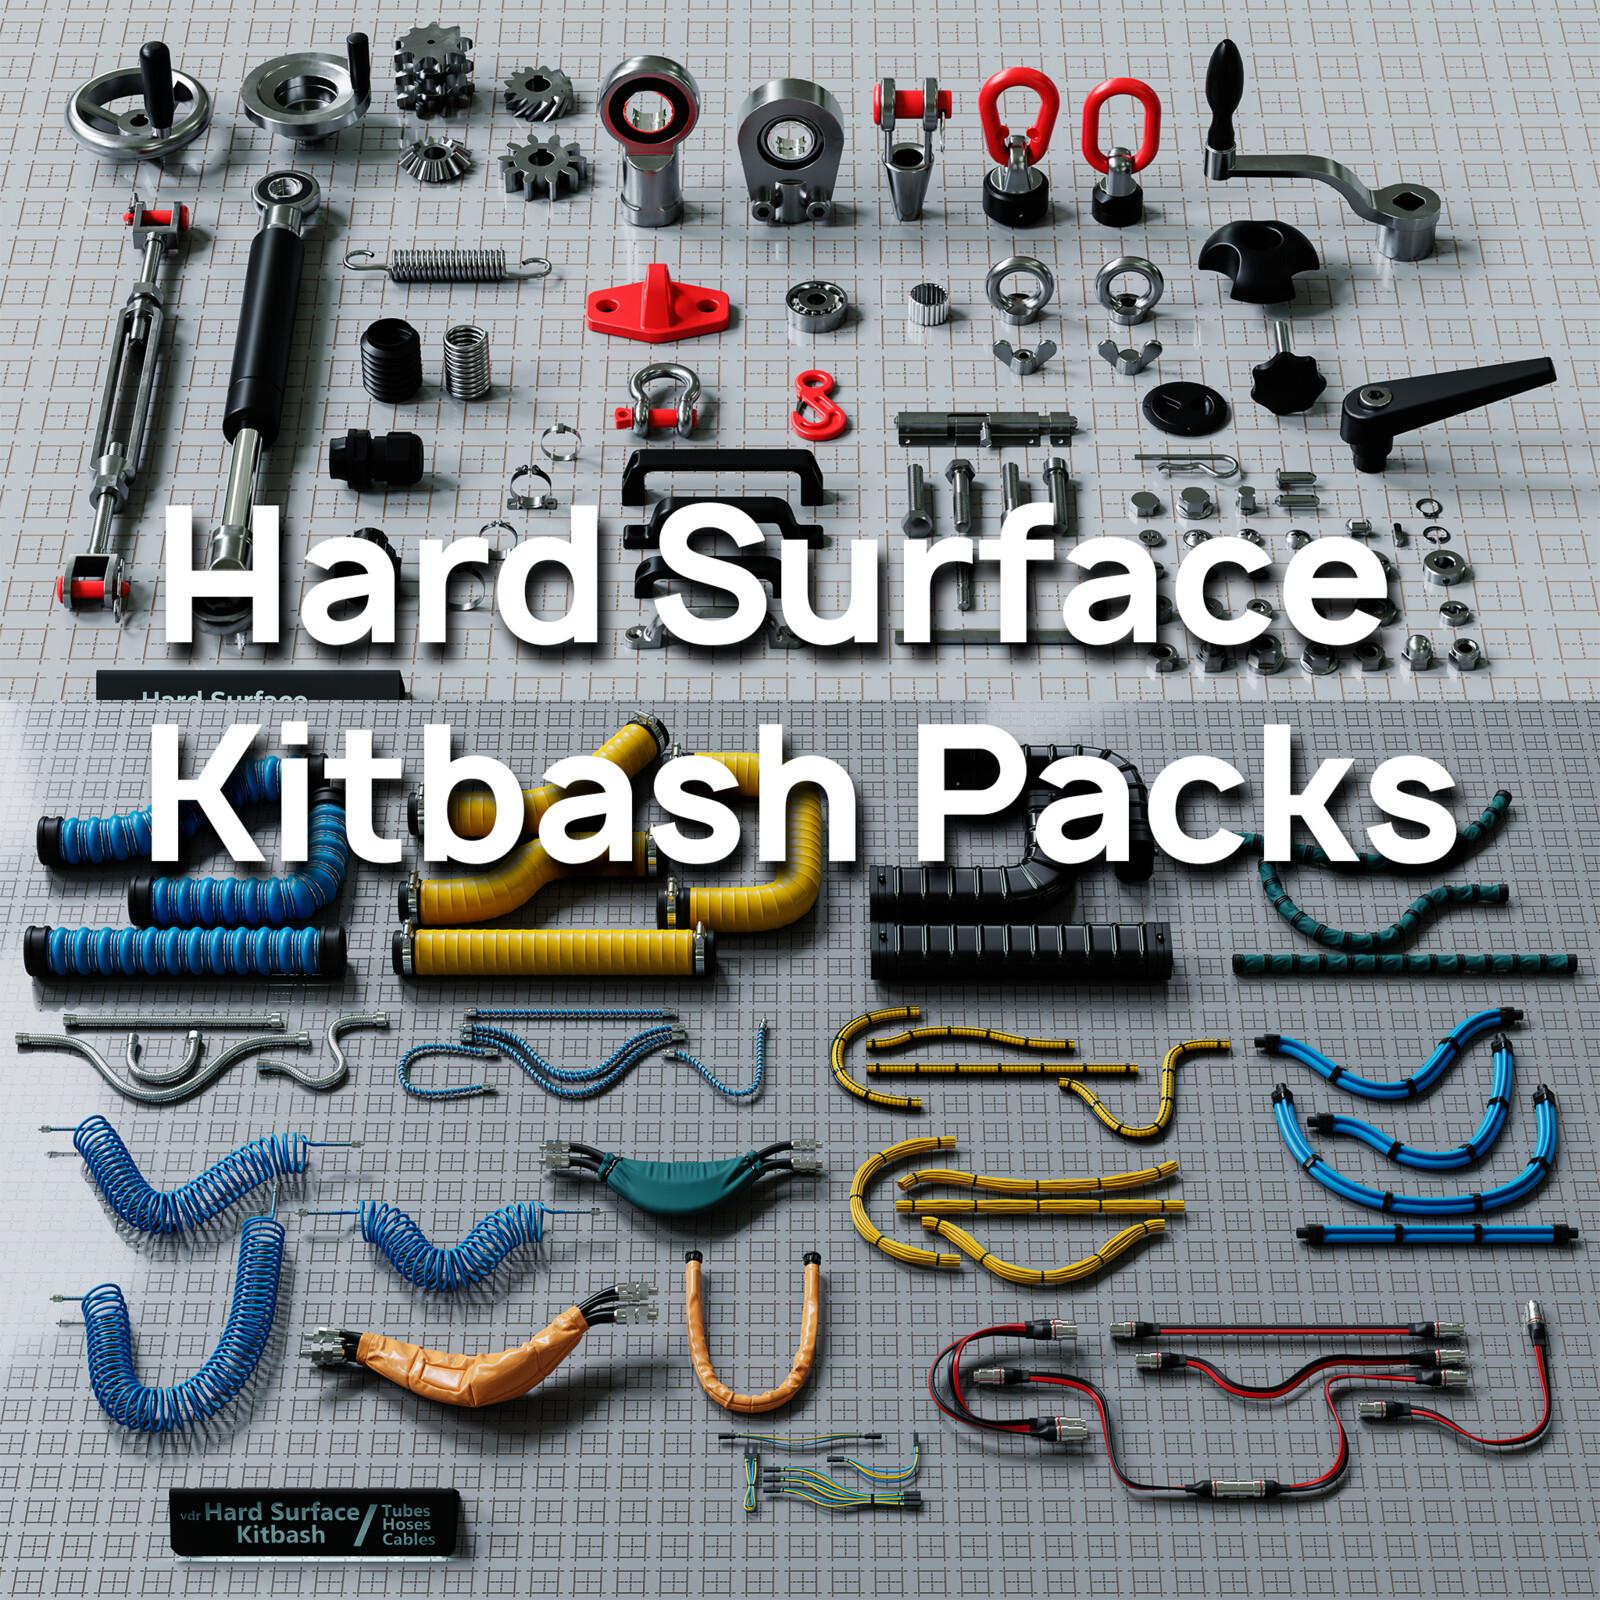 Hard Surface Kitbash Packs